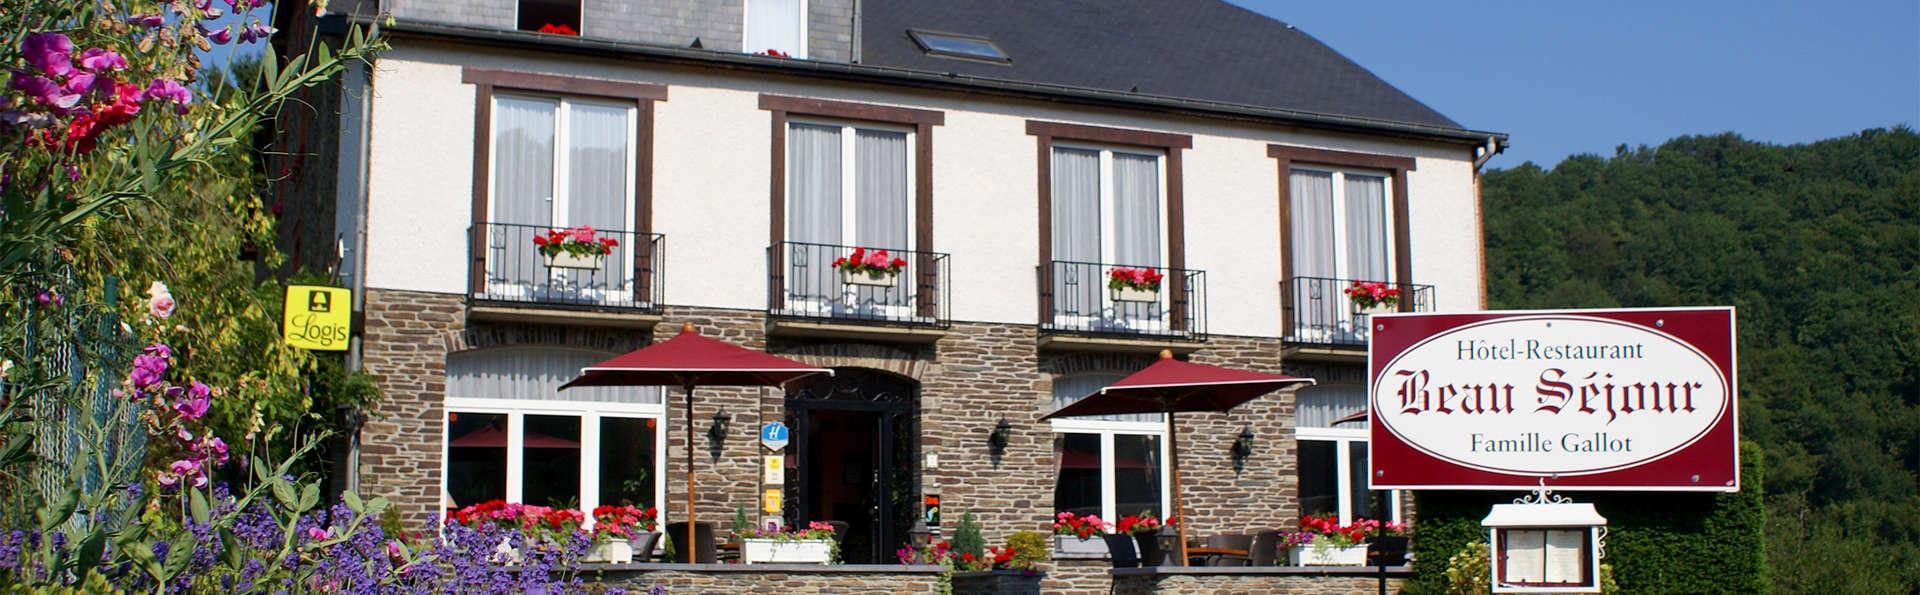 Hôtel-Restaurant Beau Séjour - EDIT_Exterior.jpg